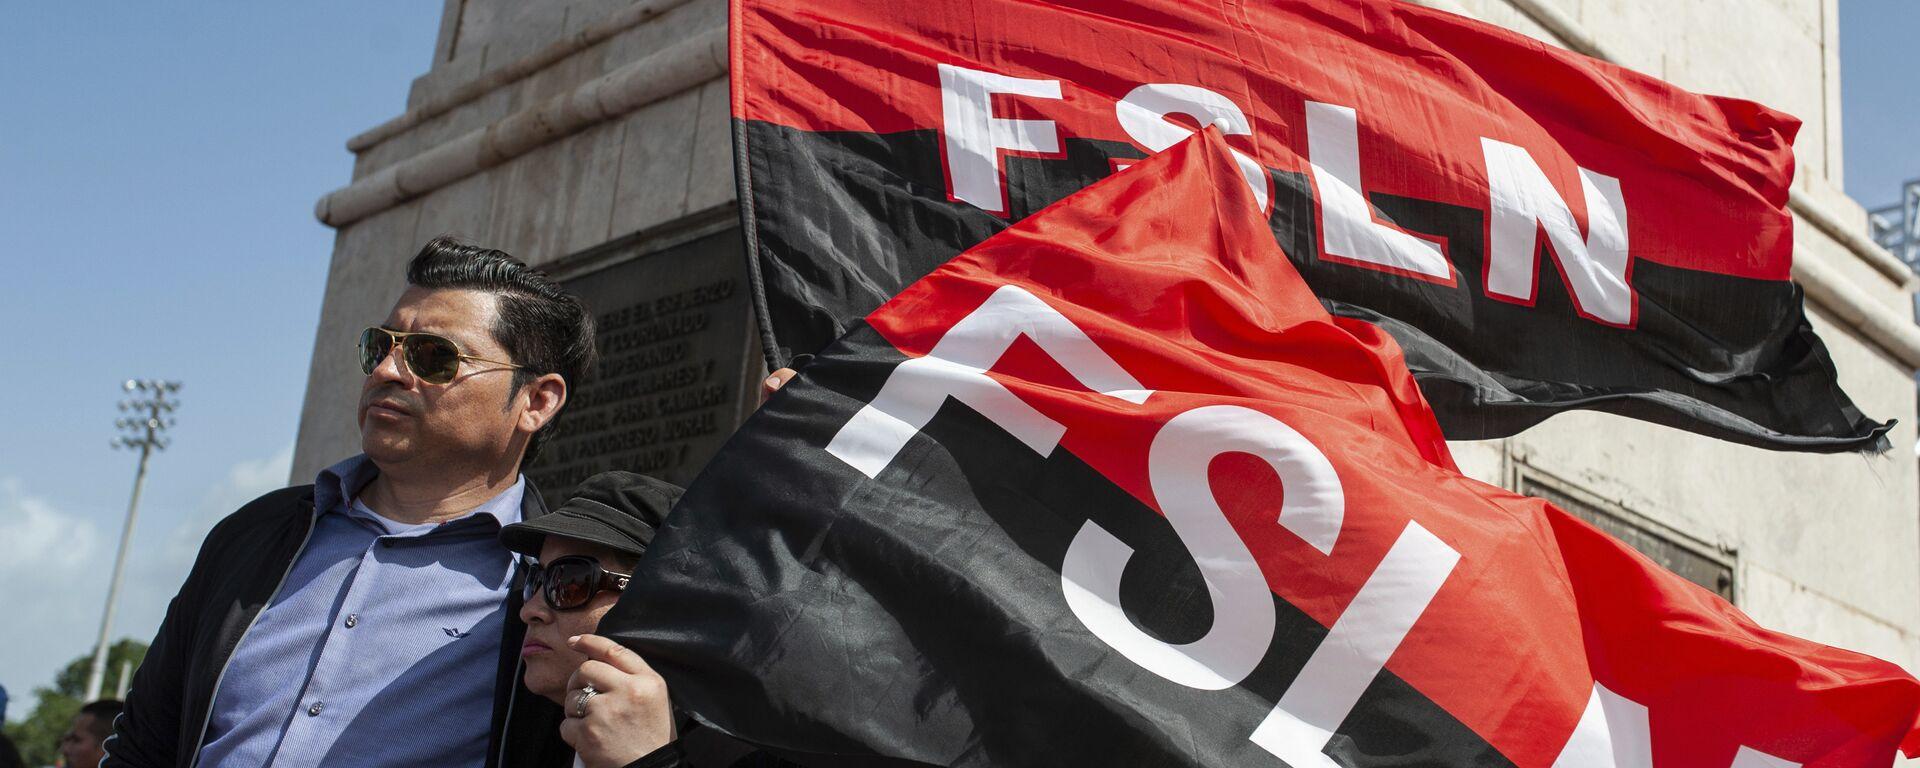 Sandinista porta las banderas del FSLN en el 39 Aniversario de la Revolución nicaraguense - Sputnik Mundo, 1920, 16.07.2021